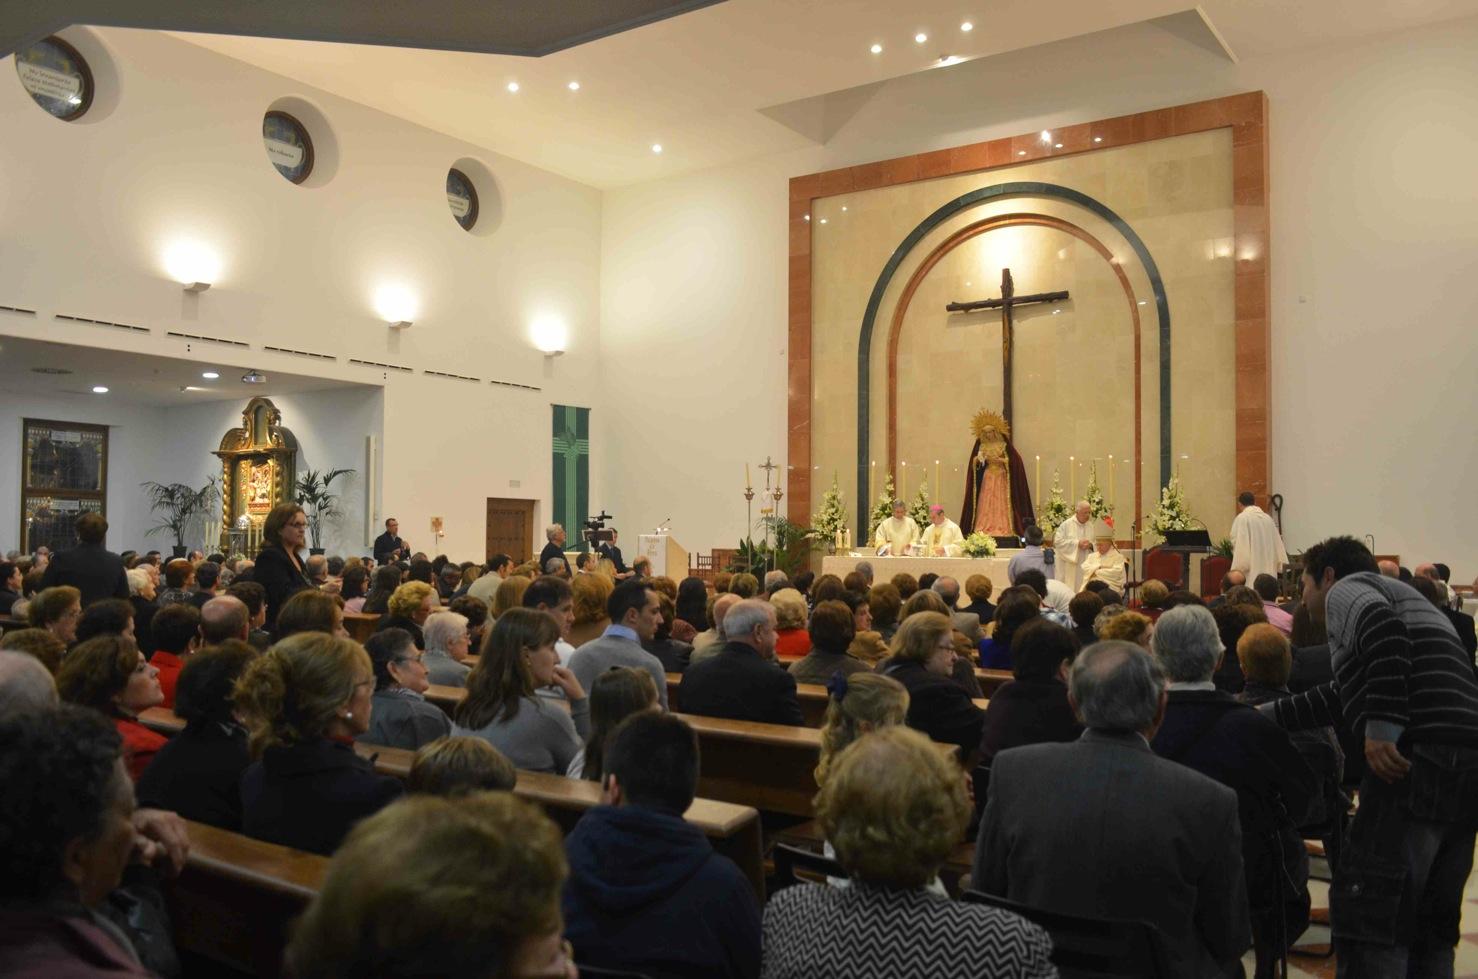 El obispo preside el acto de consagración de la iglesia de la Estación